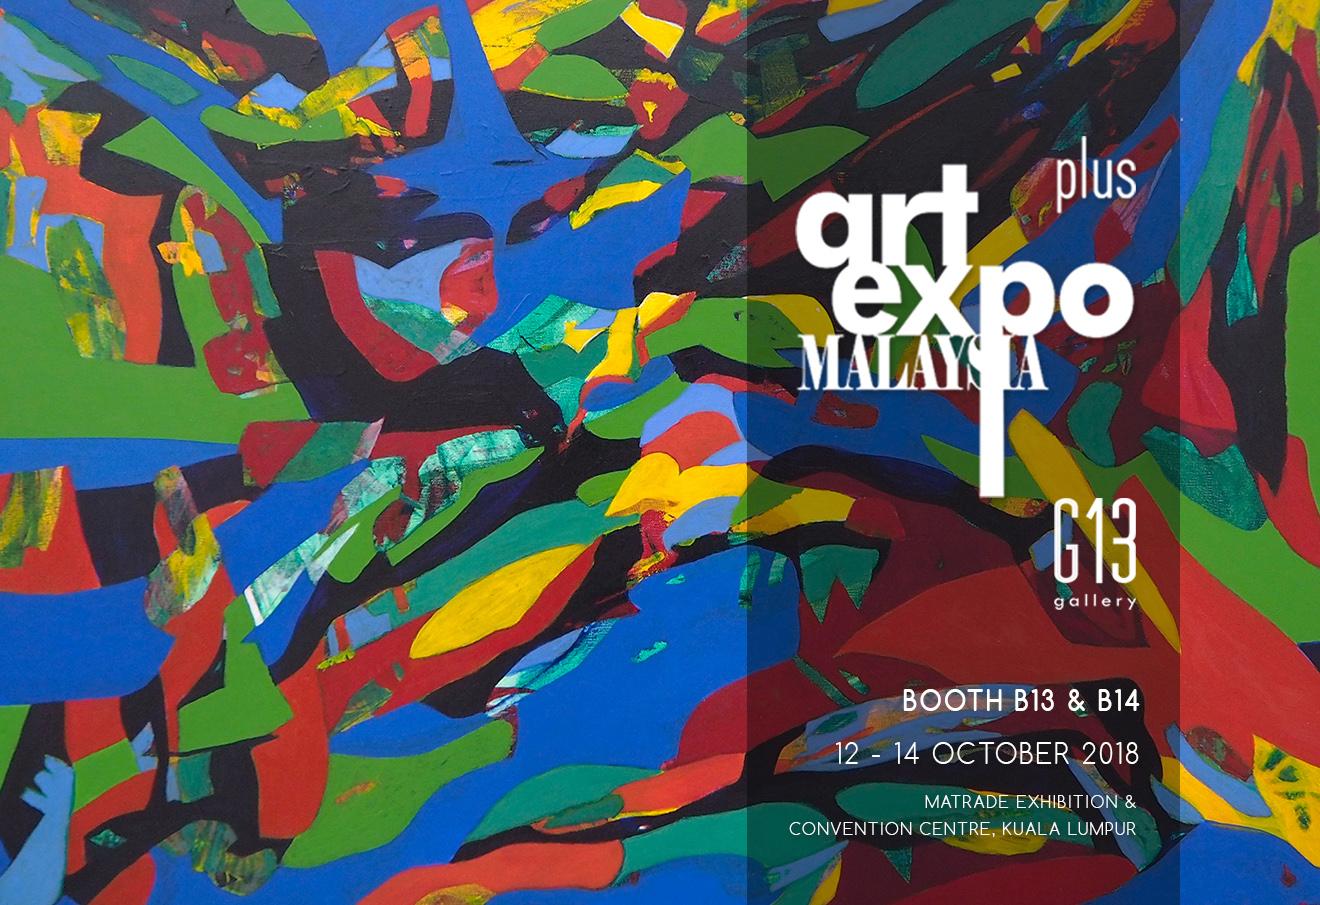 ART EXPO MALAYSIA 2018